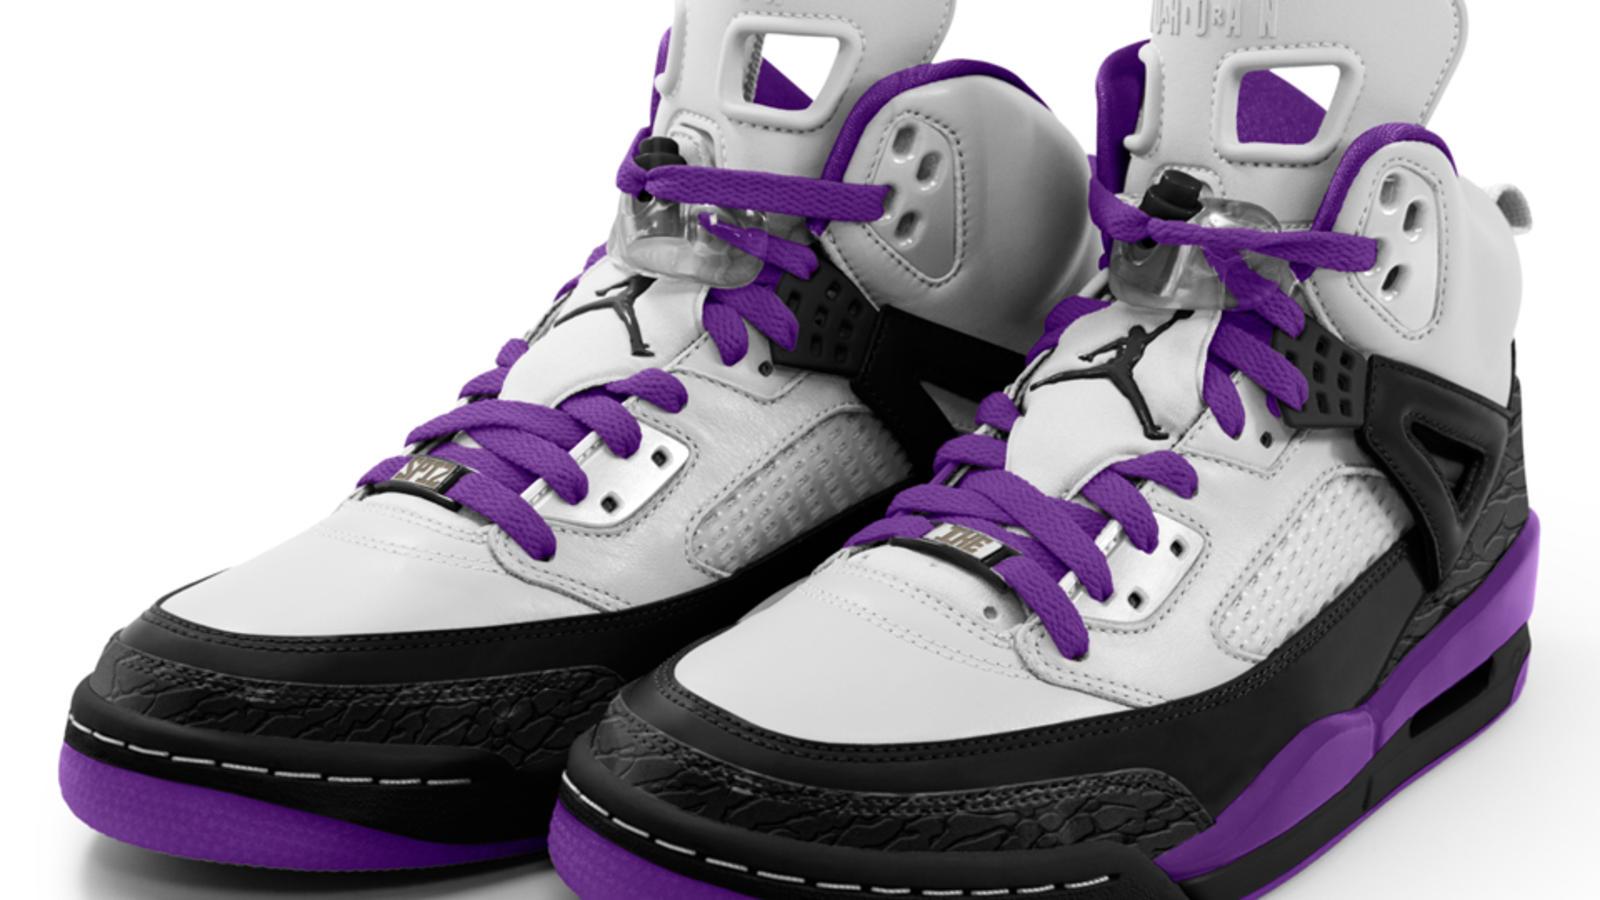 Jordan Spiz'ike on NIKEiD - Nike News